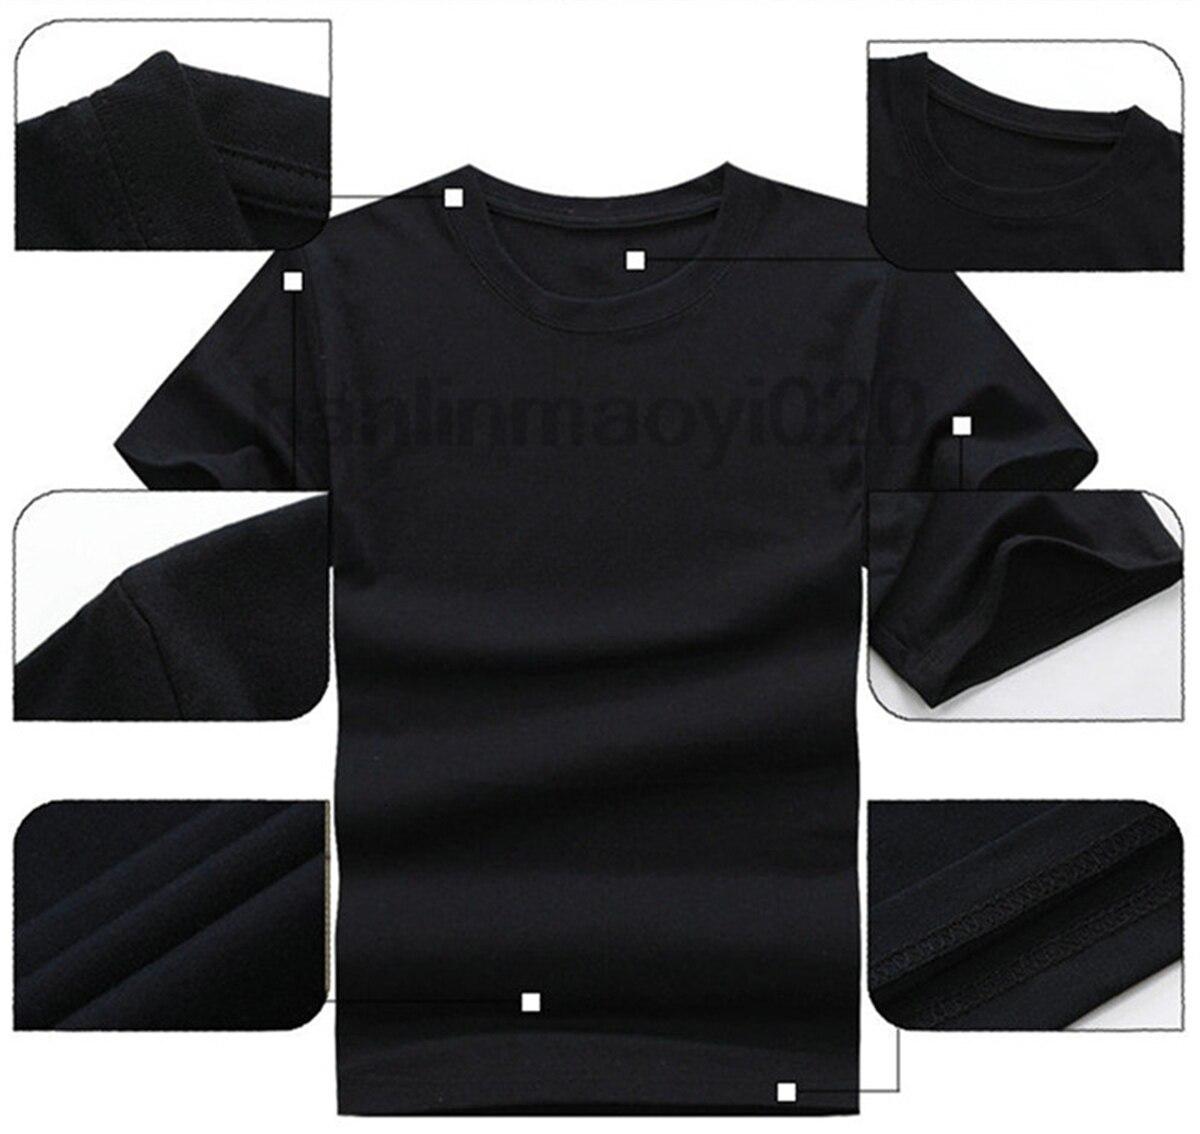 GILDAN Haus of Velour - LGBT Drag Queen T-Shirt